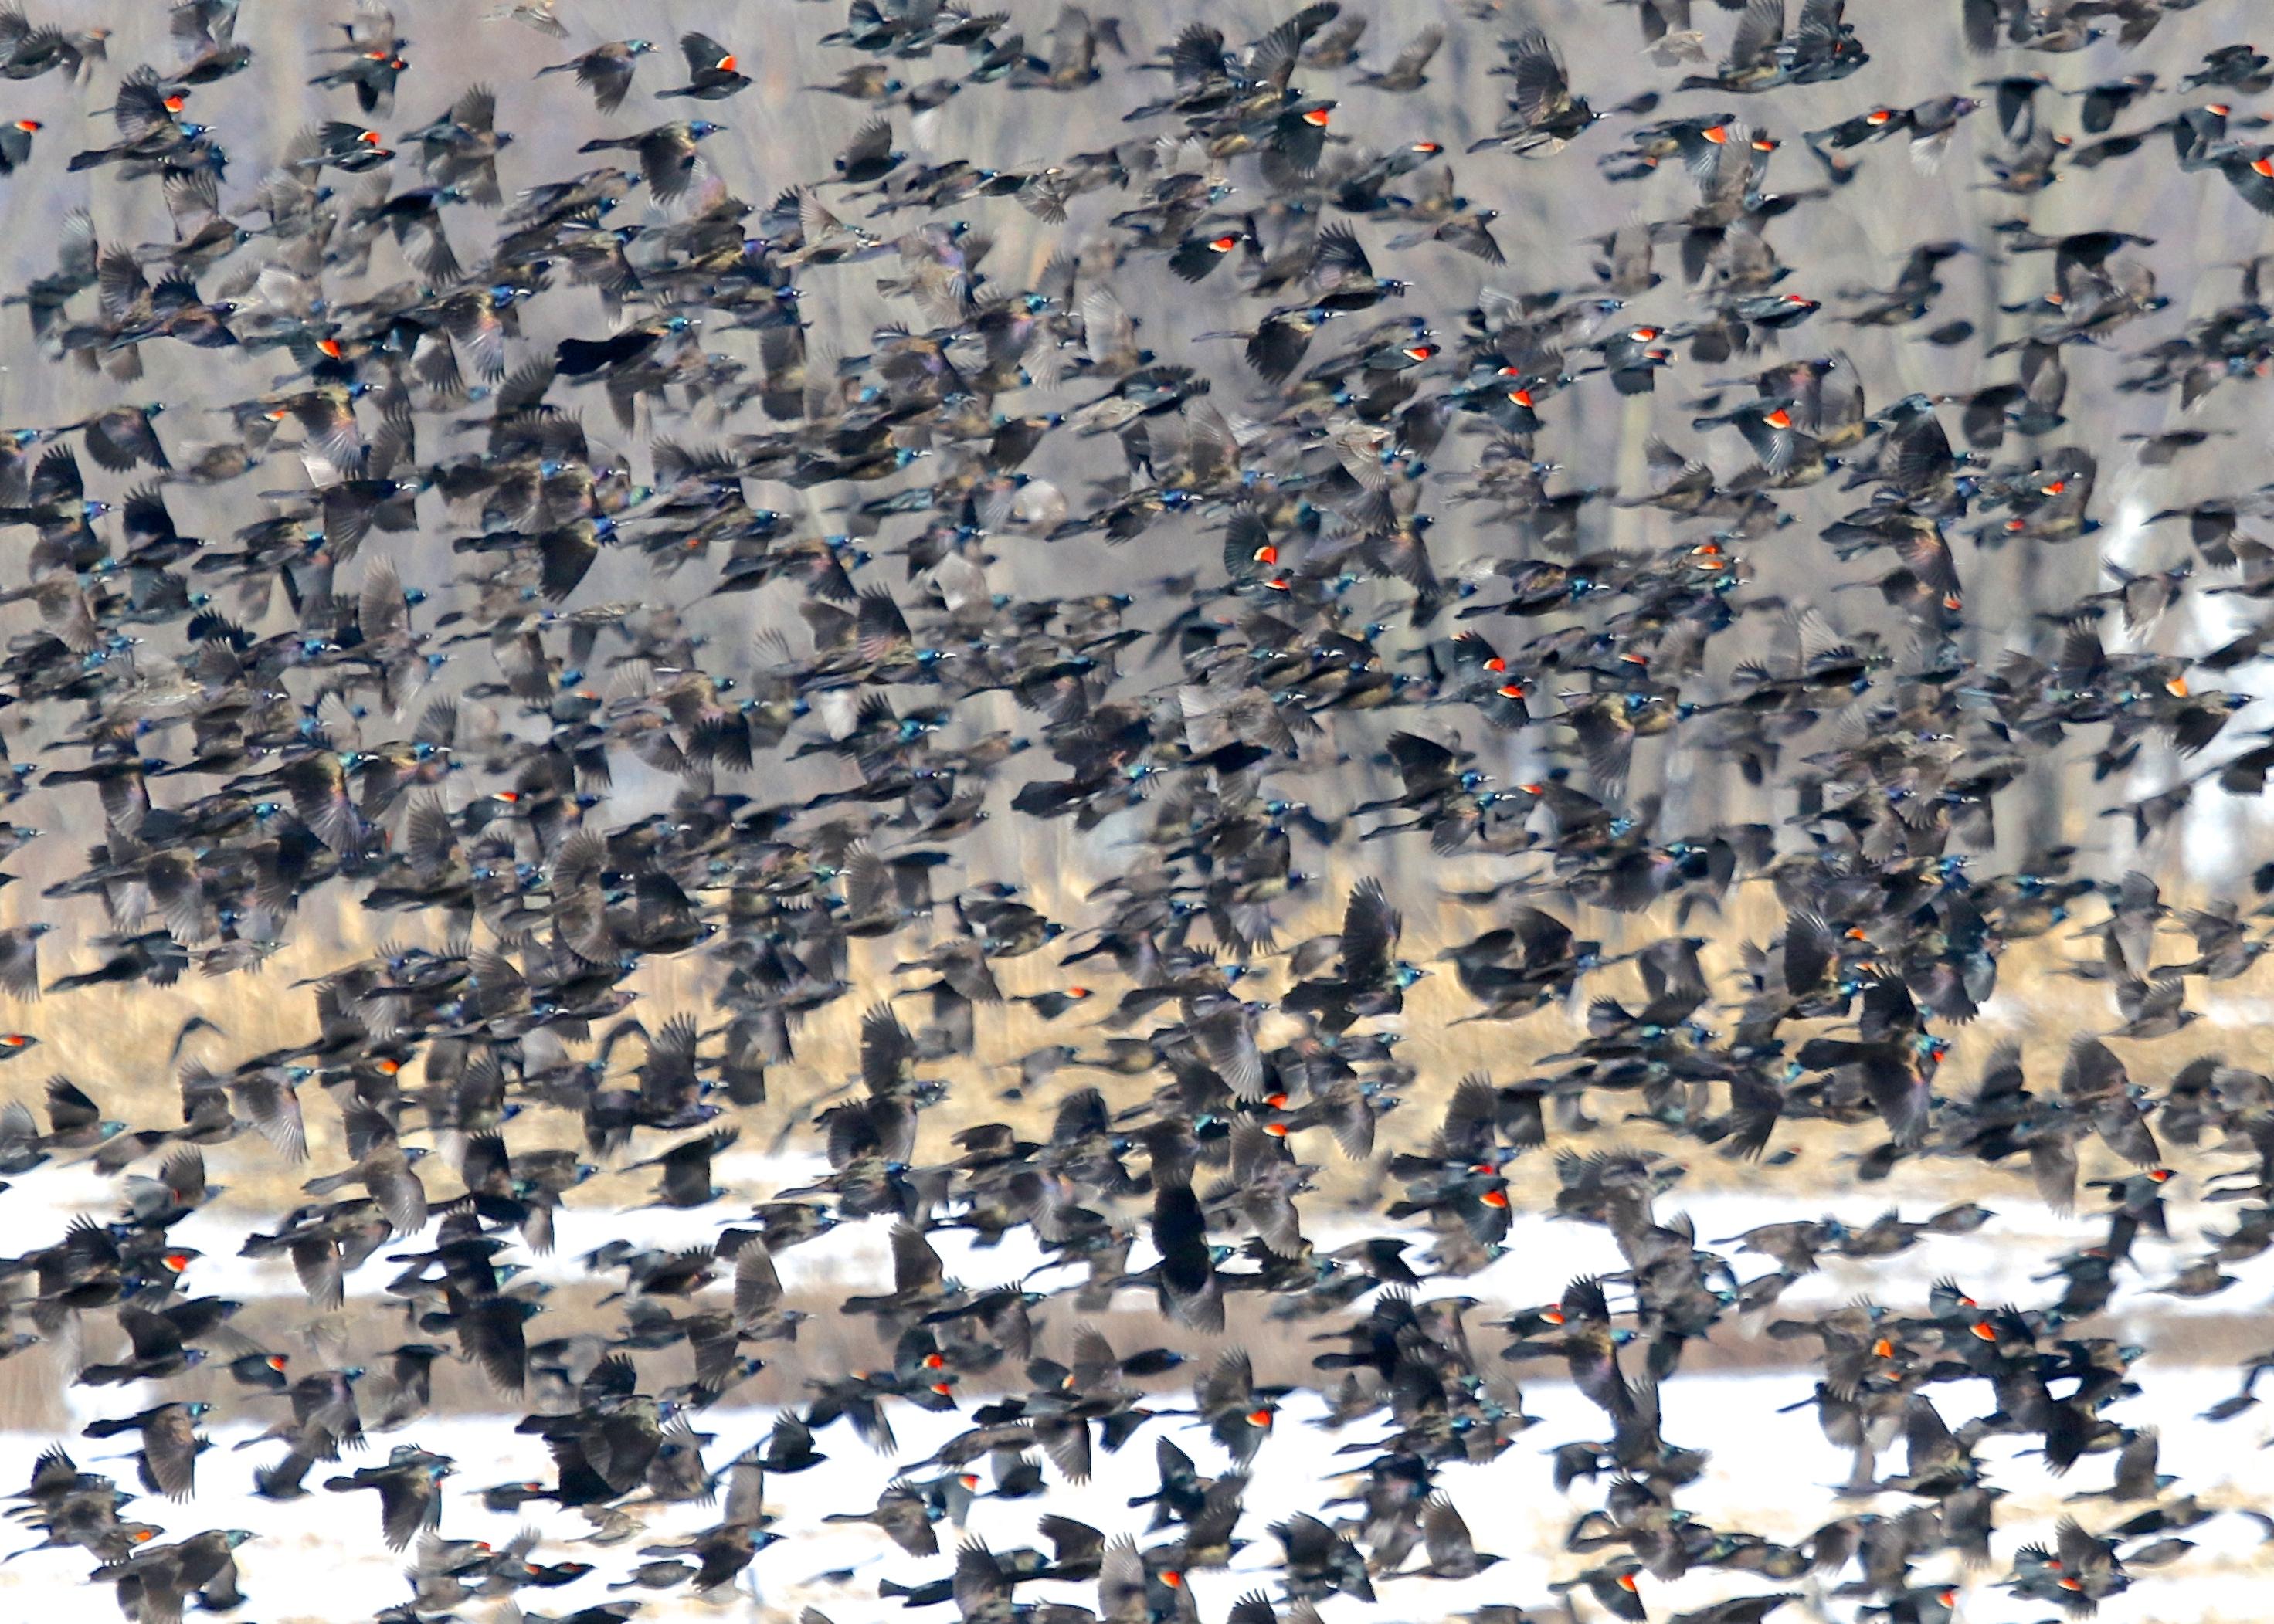 A flock of mixed blackbirds in flight at Onion Avenue in New Hampton NY, 3/14/14.